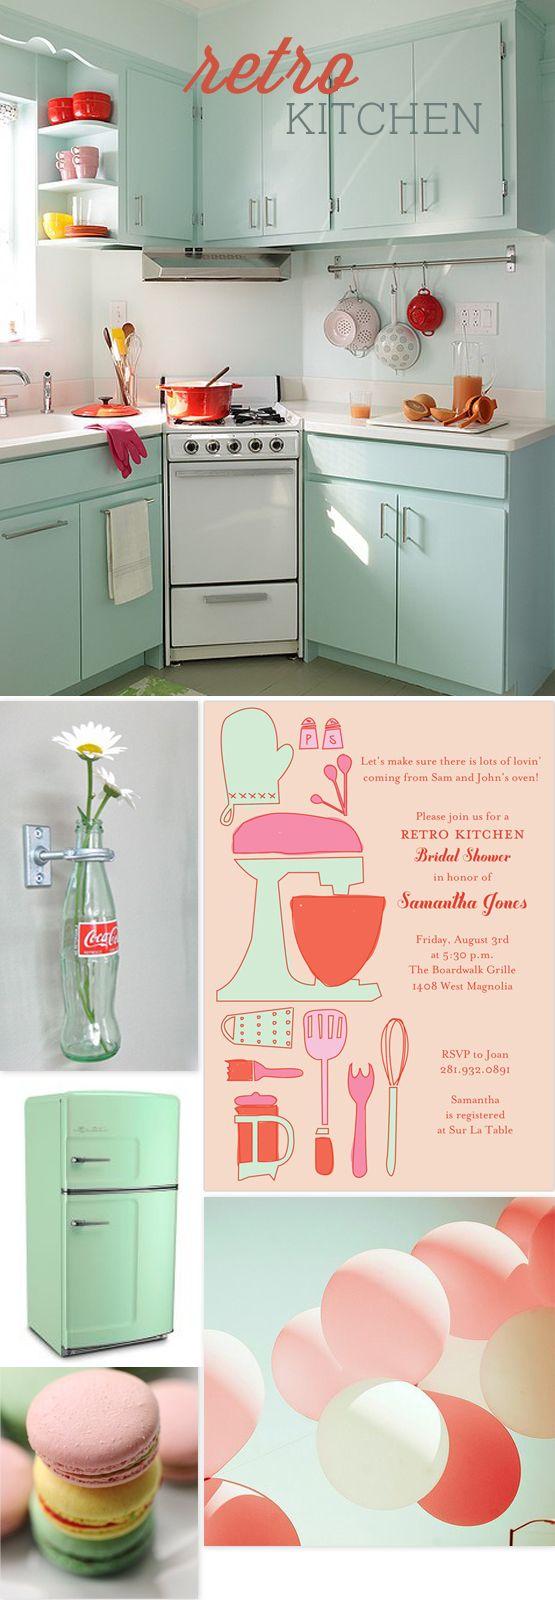 Retro Kitchen Bridal Shower.